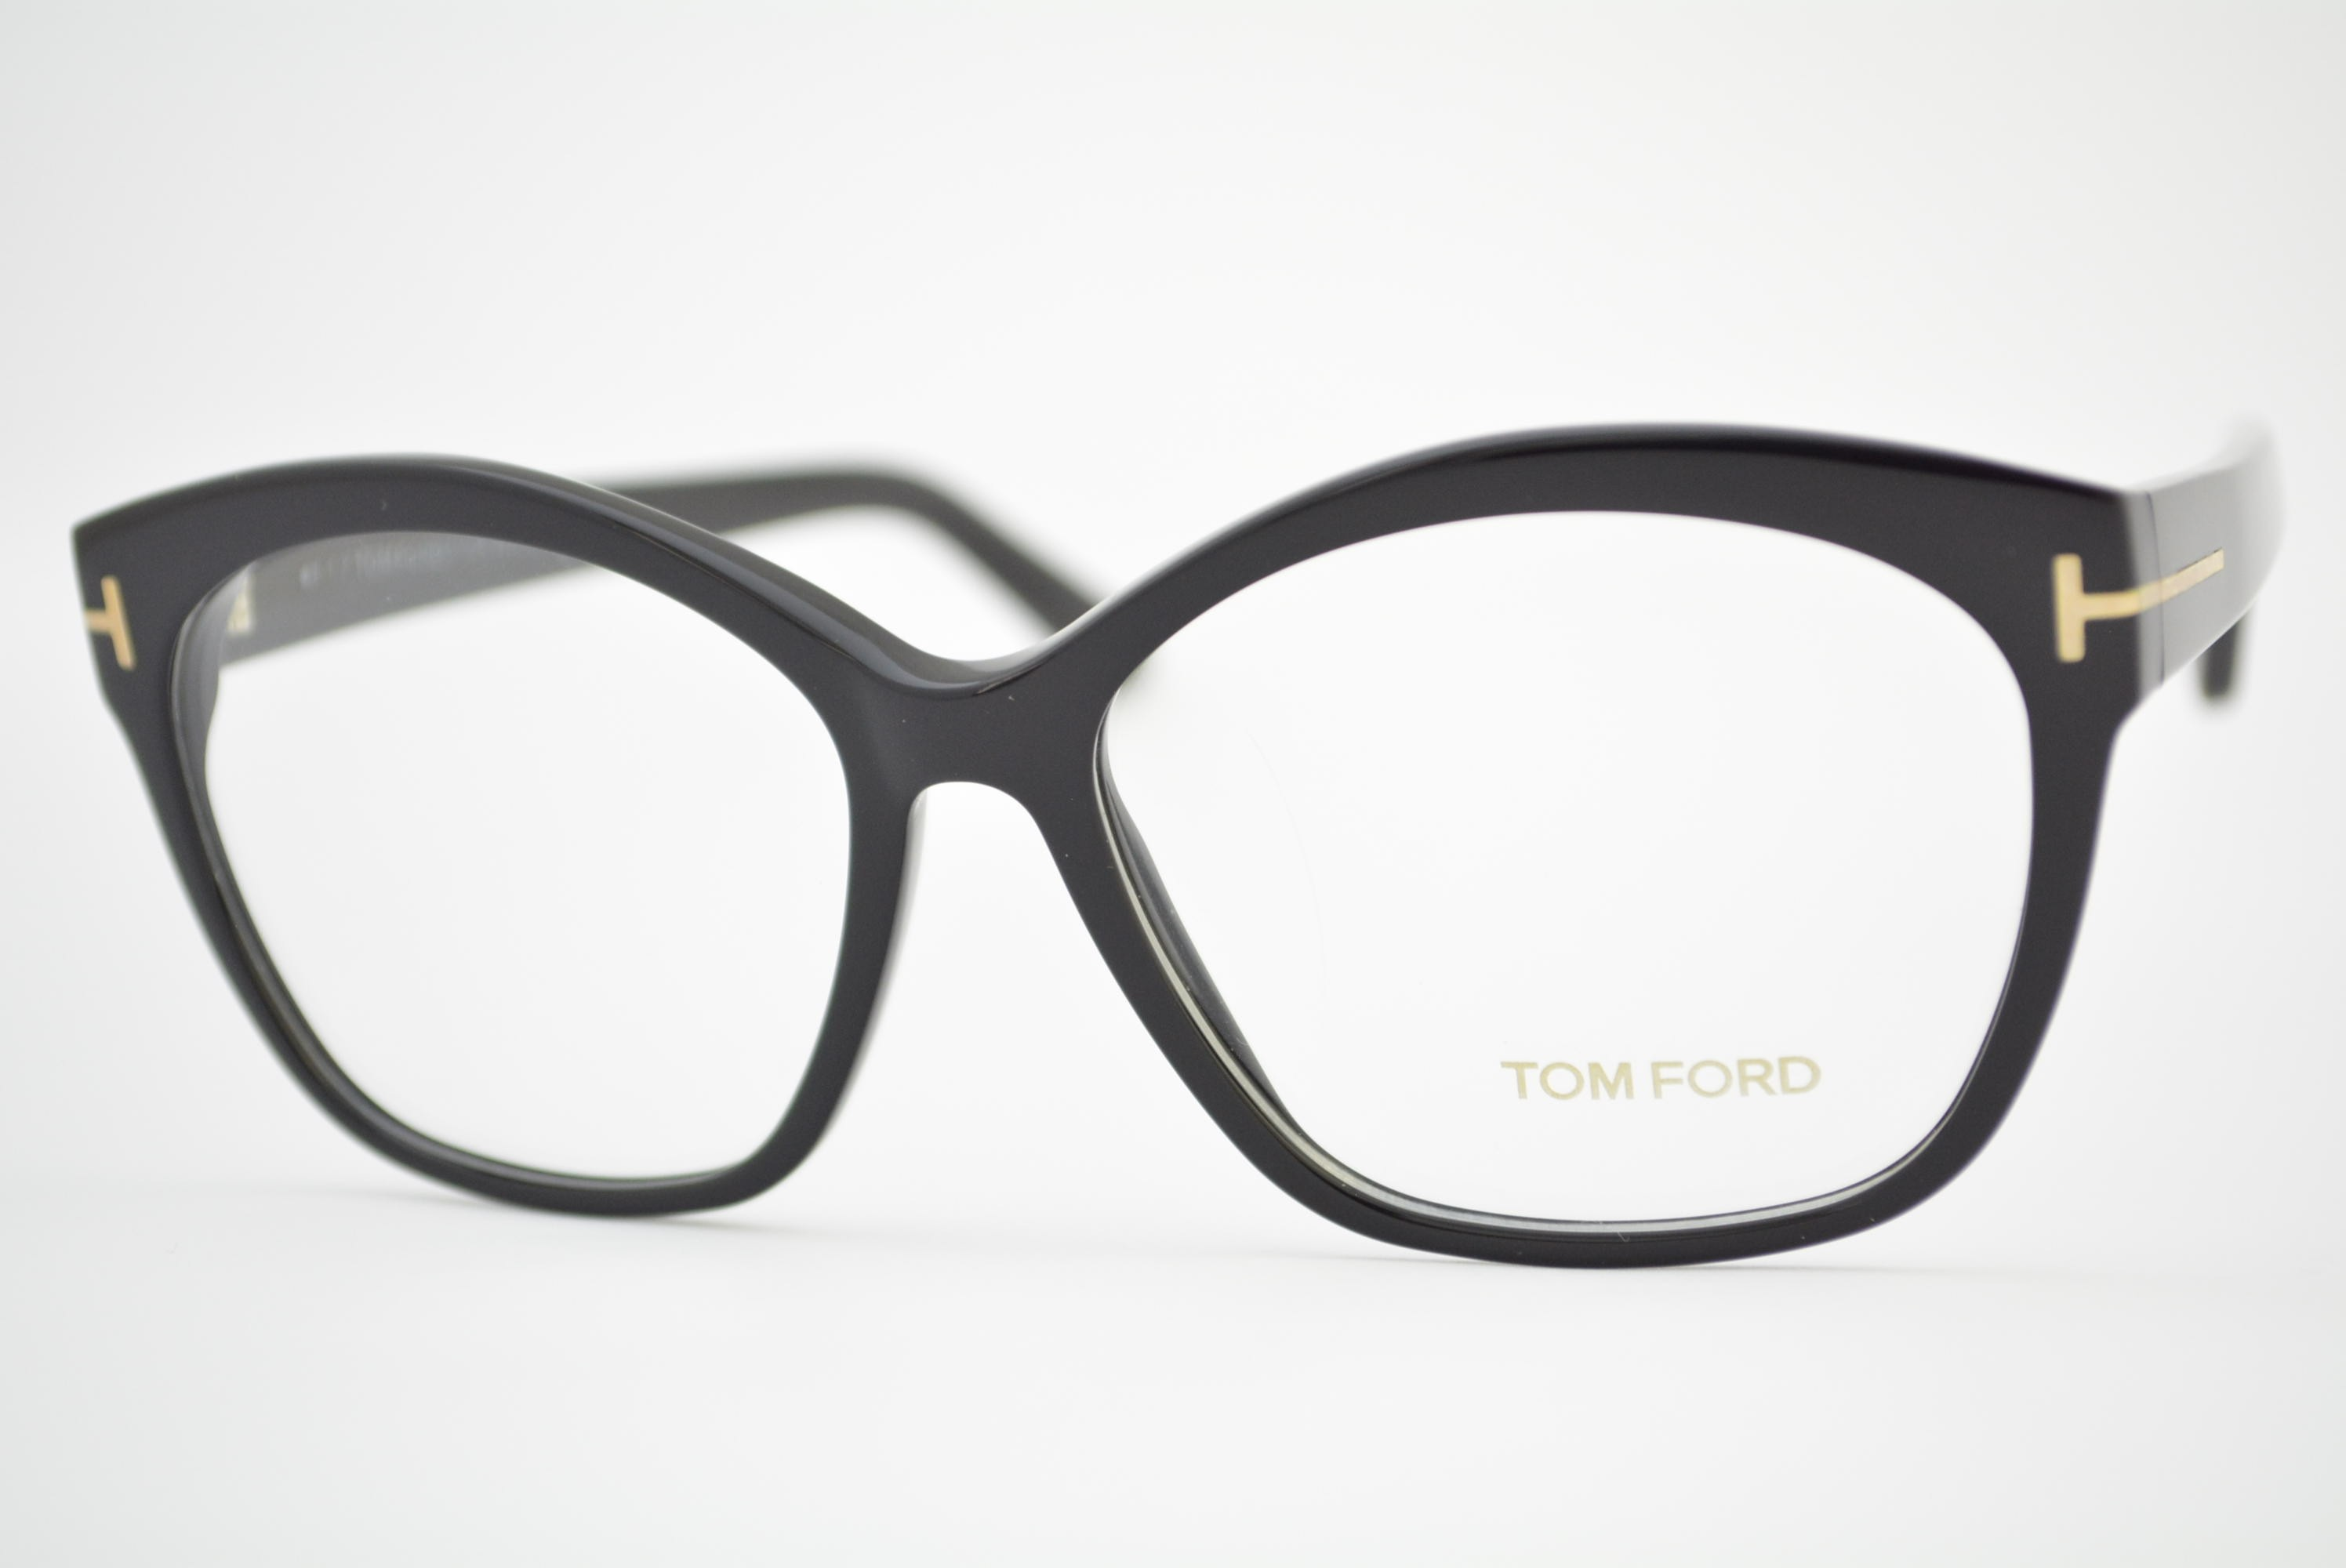 armação de óculos Tom Ford mod TF5435 001 Ótica Cardoso 6c657a600b